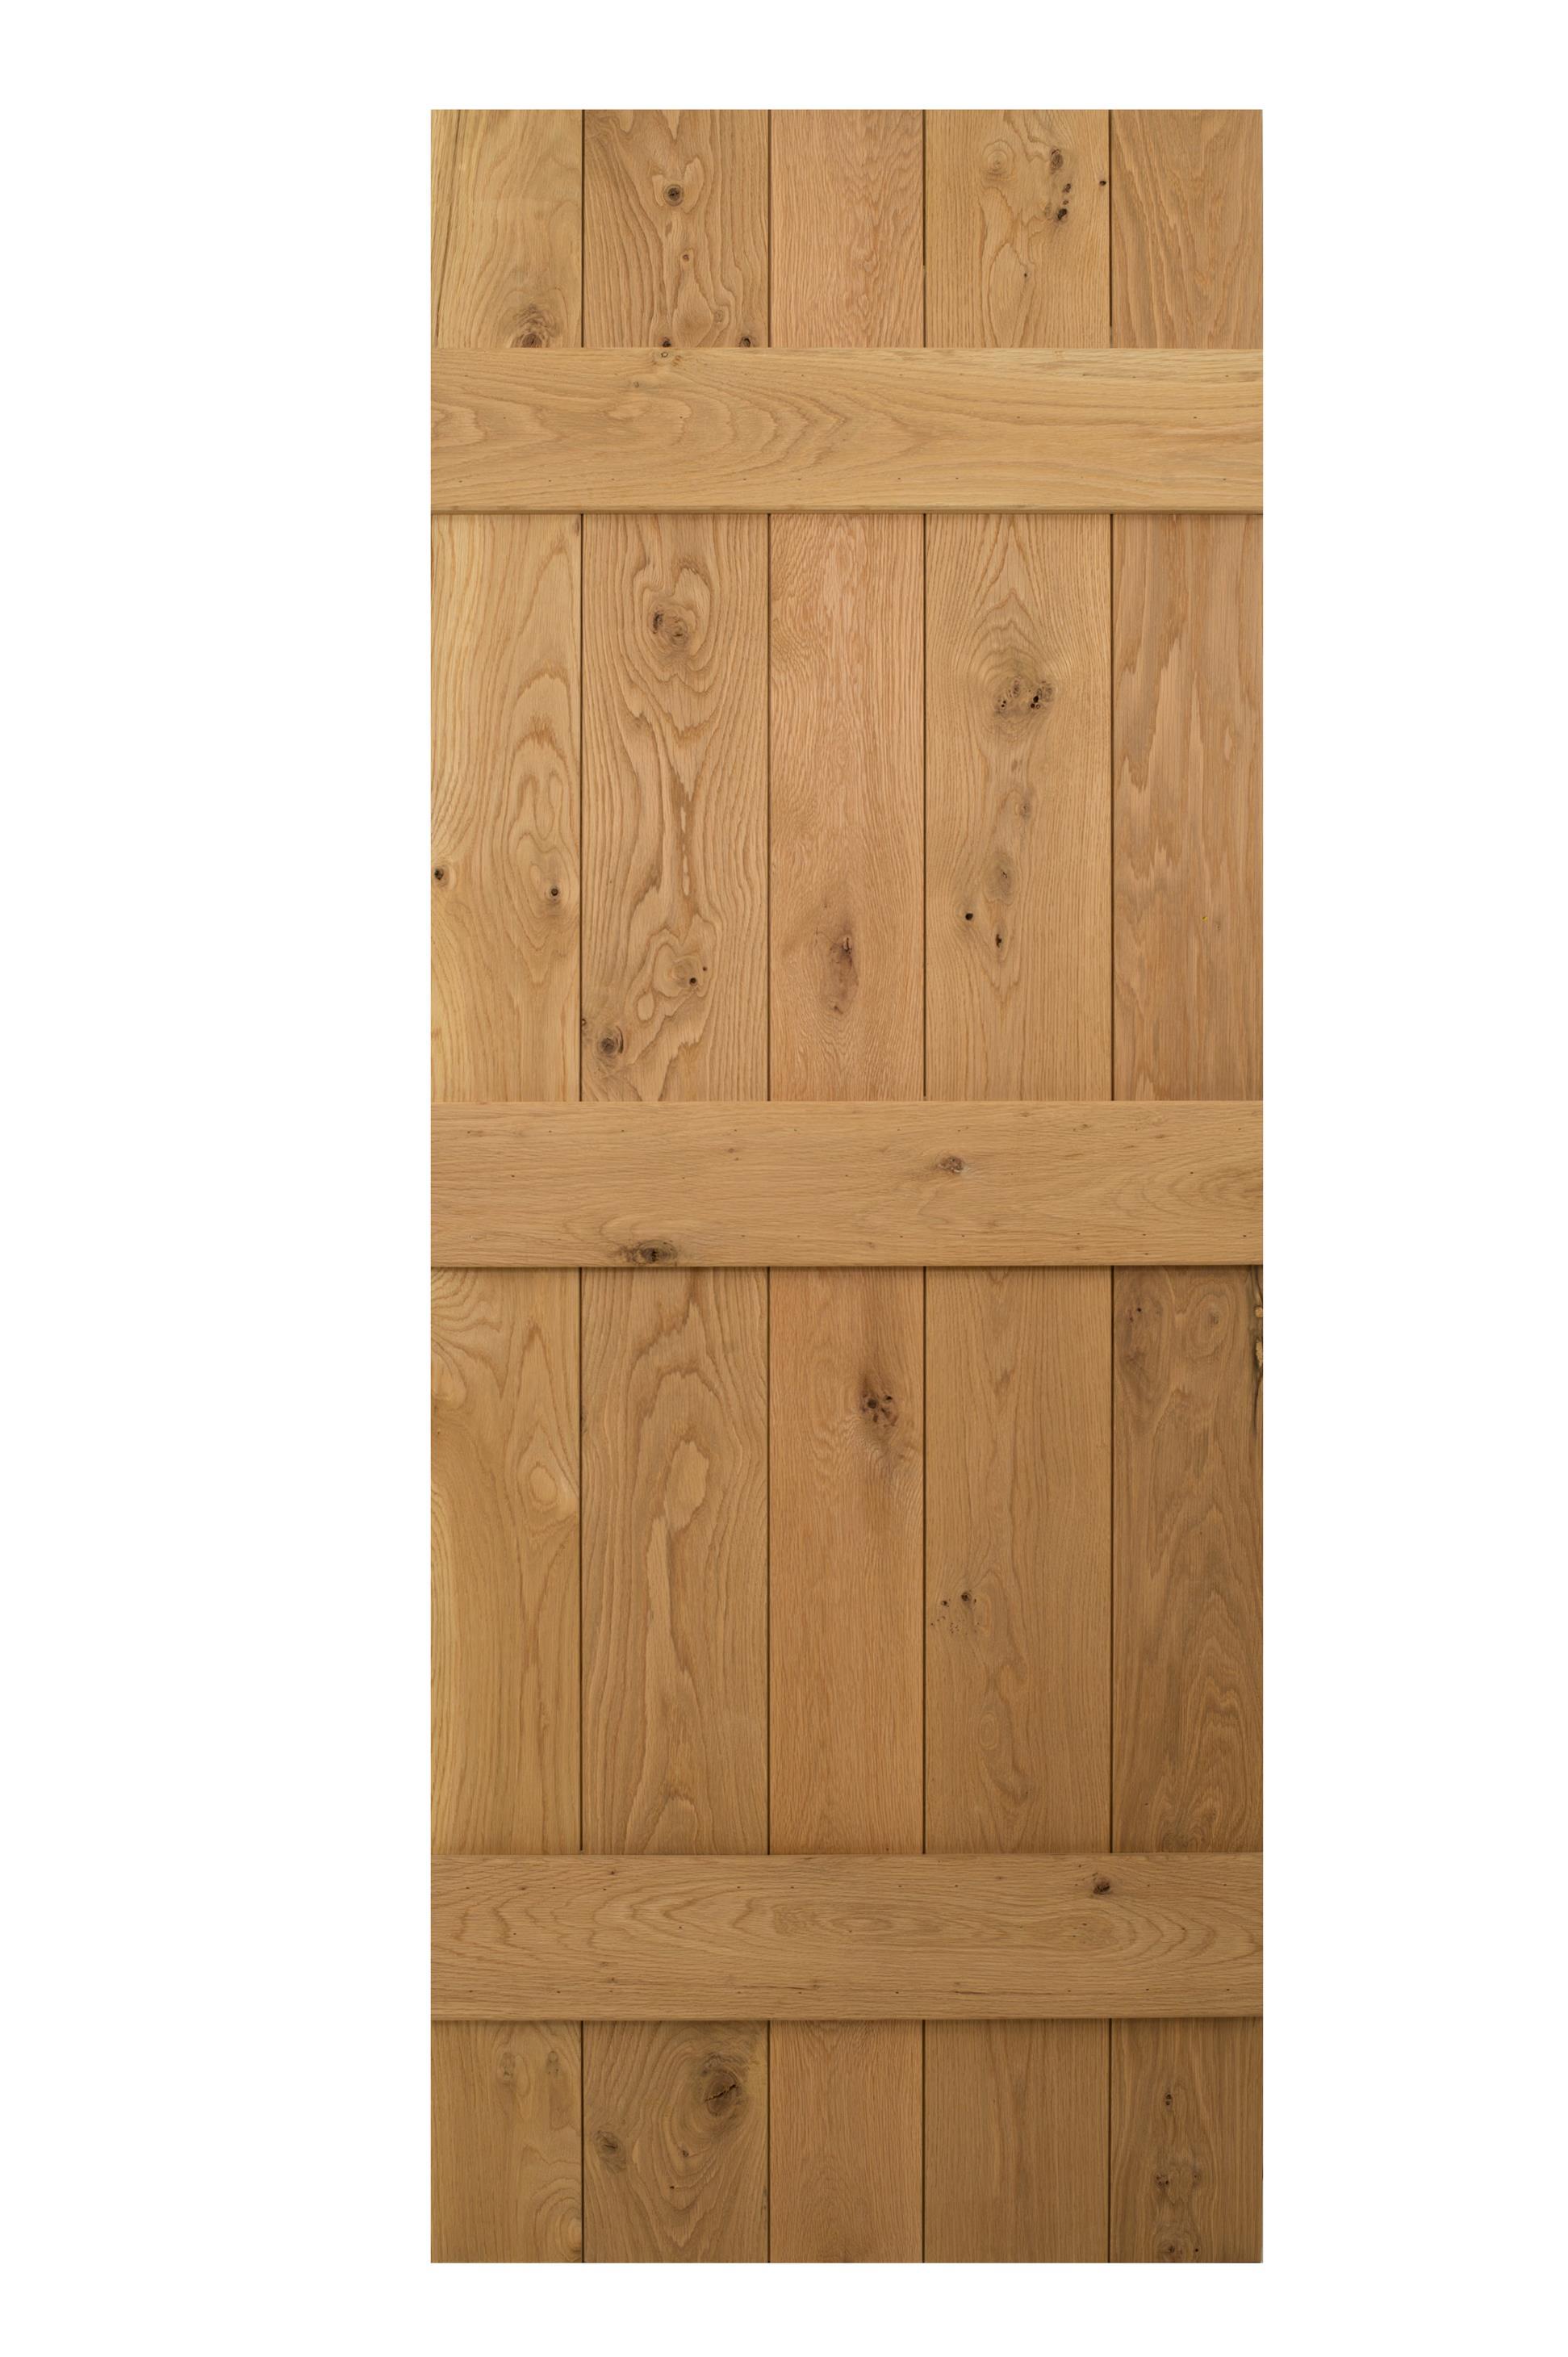 Solid Oak 3 Ledged Cottage Door (Back)  sc 1 st  Blueprint Cottage Doors & Solid Oak 3 Ledged Cottage Door | Blueprint Cottage Doors